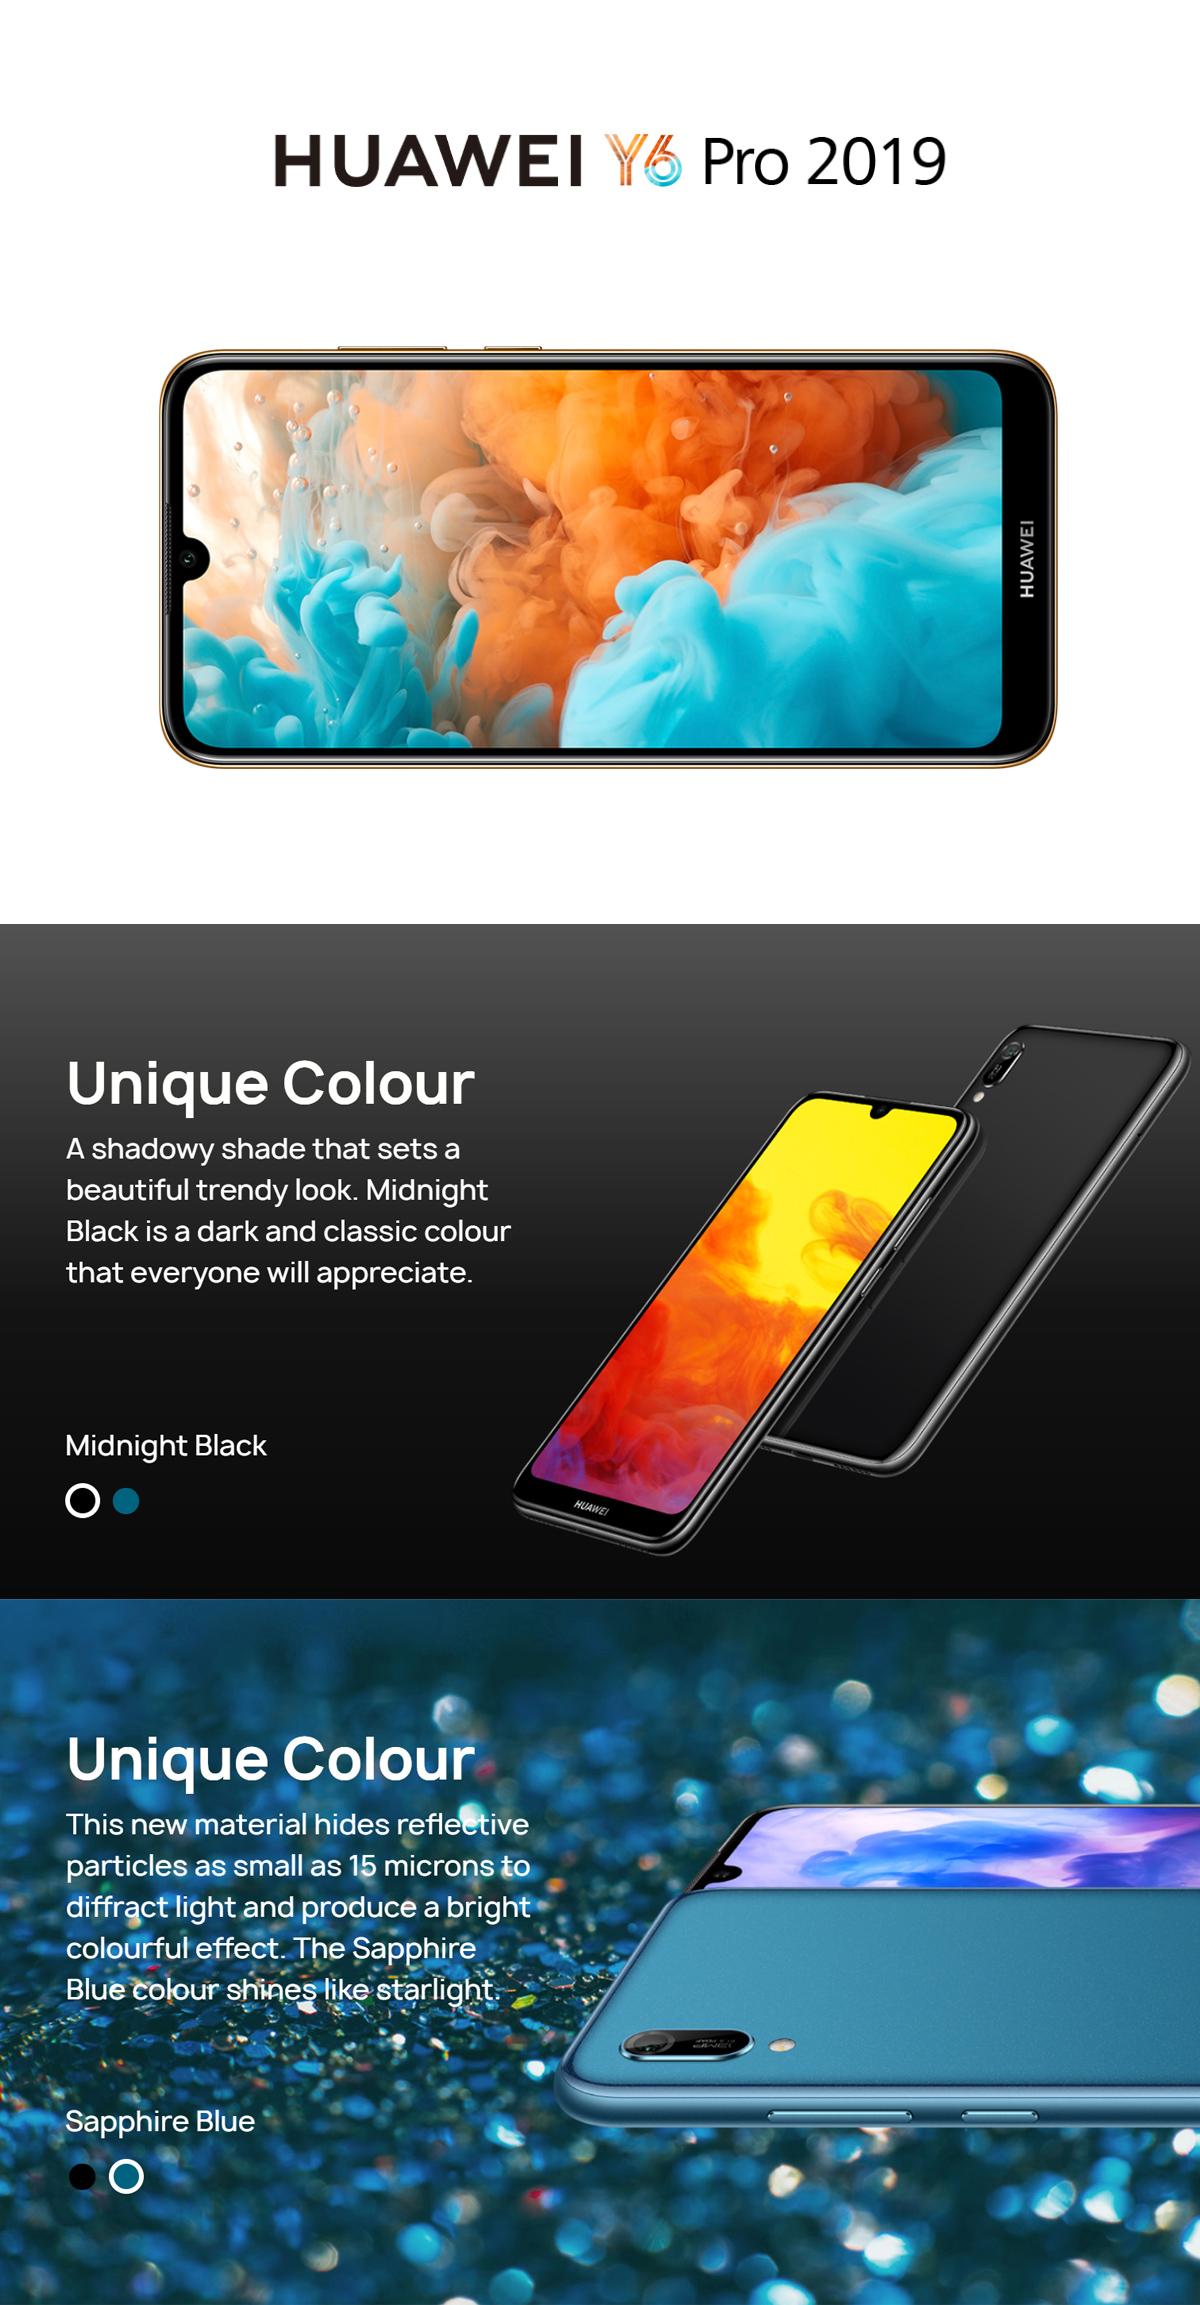 Huawei Y6 Pro 2019 3GB RAM+32GB ROM